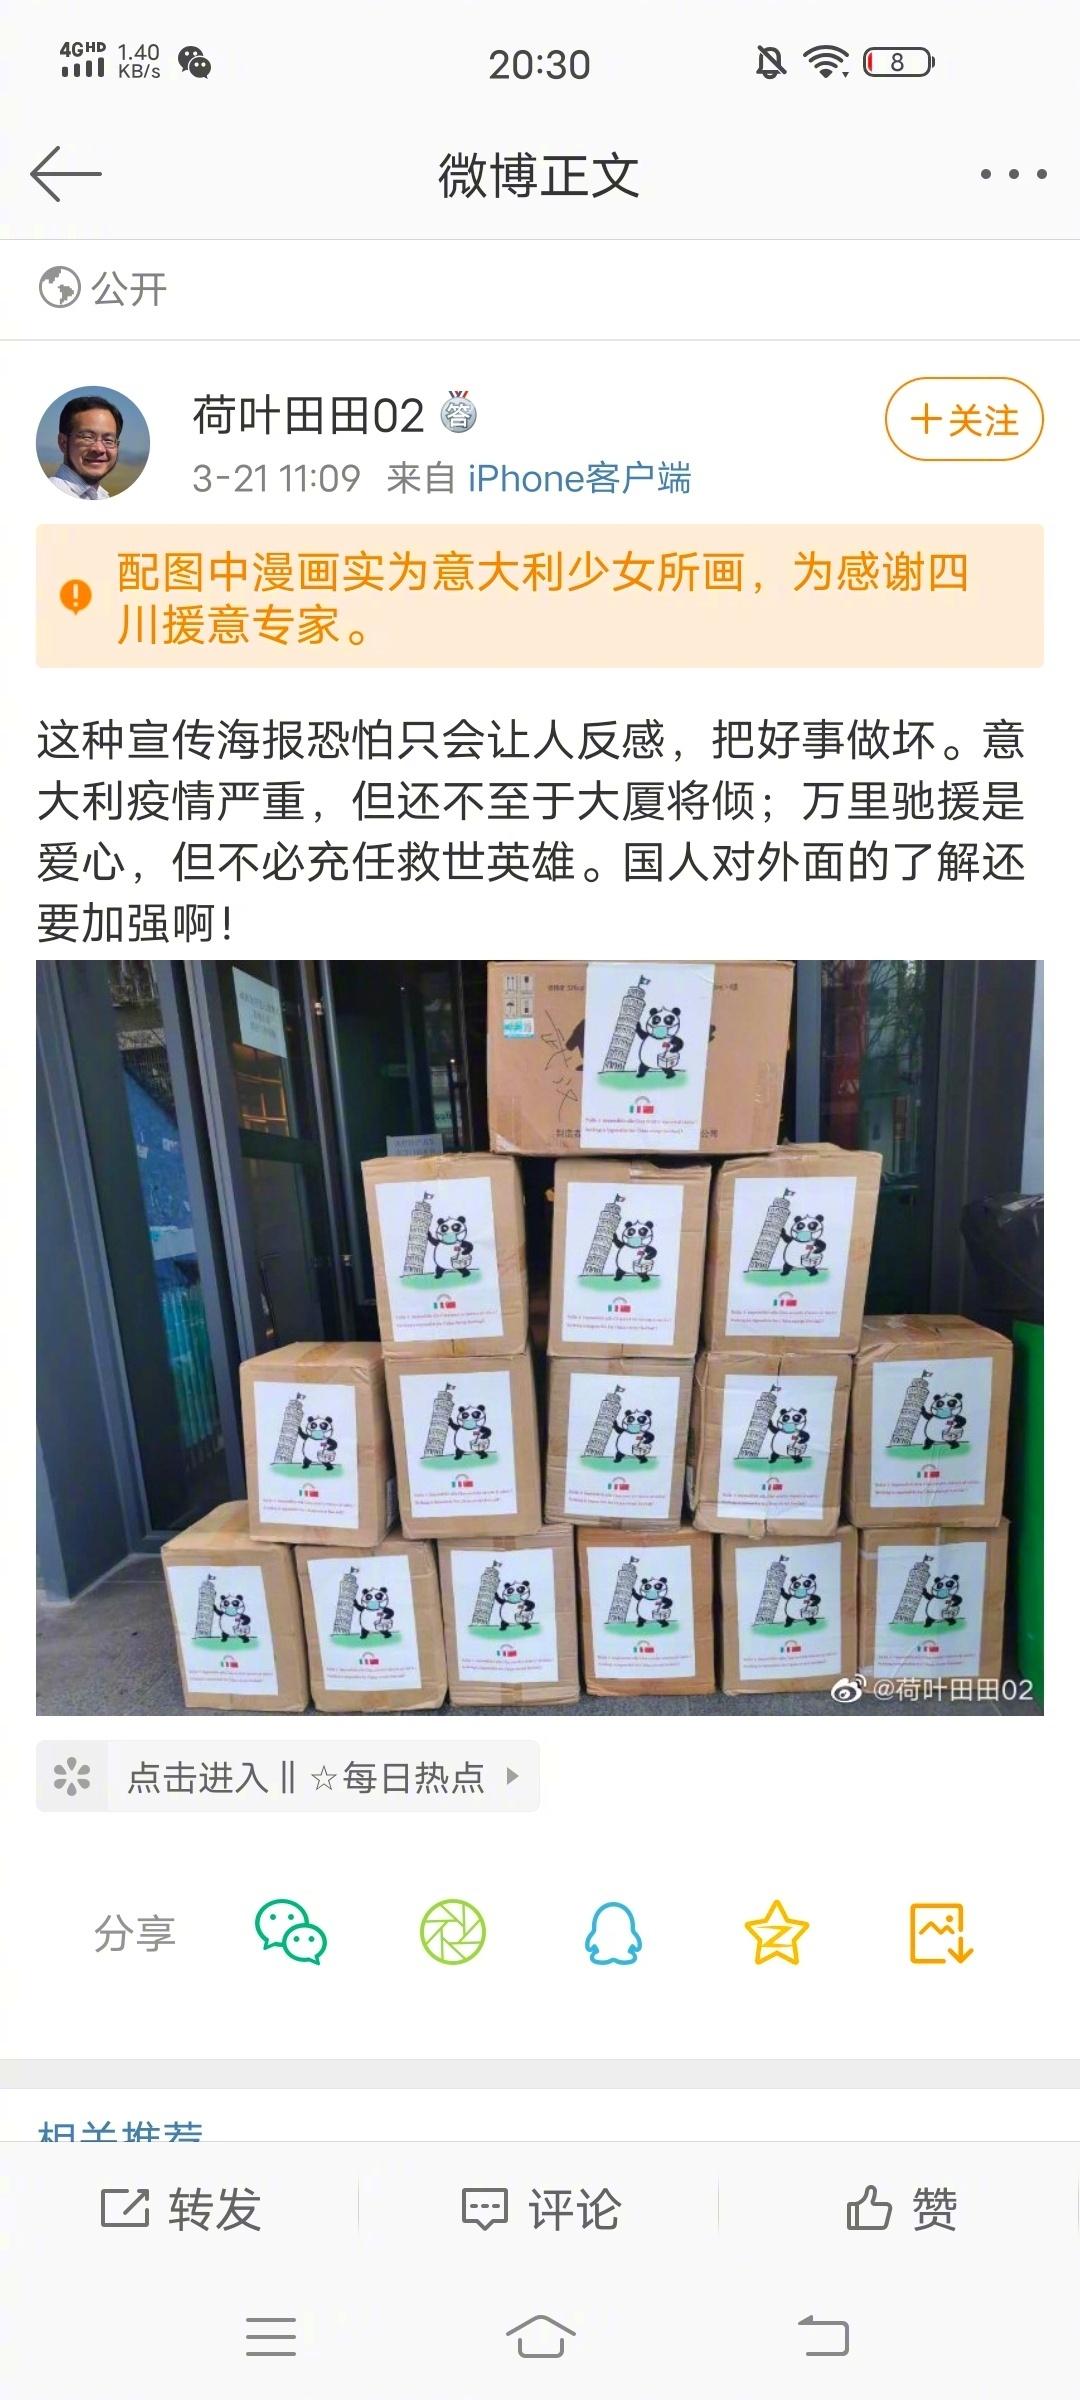 清华教授、叶檀、杨佩昌,造谣传谣,都被打上这个标签了